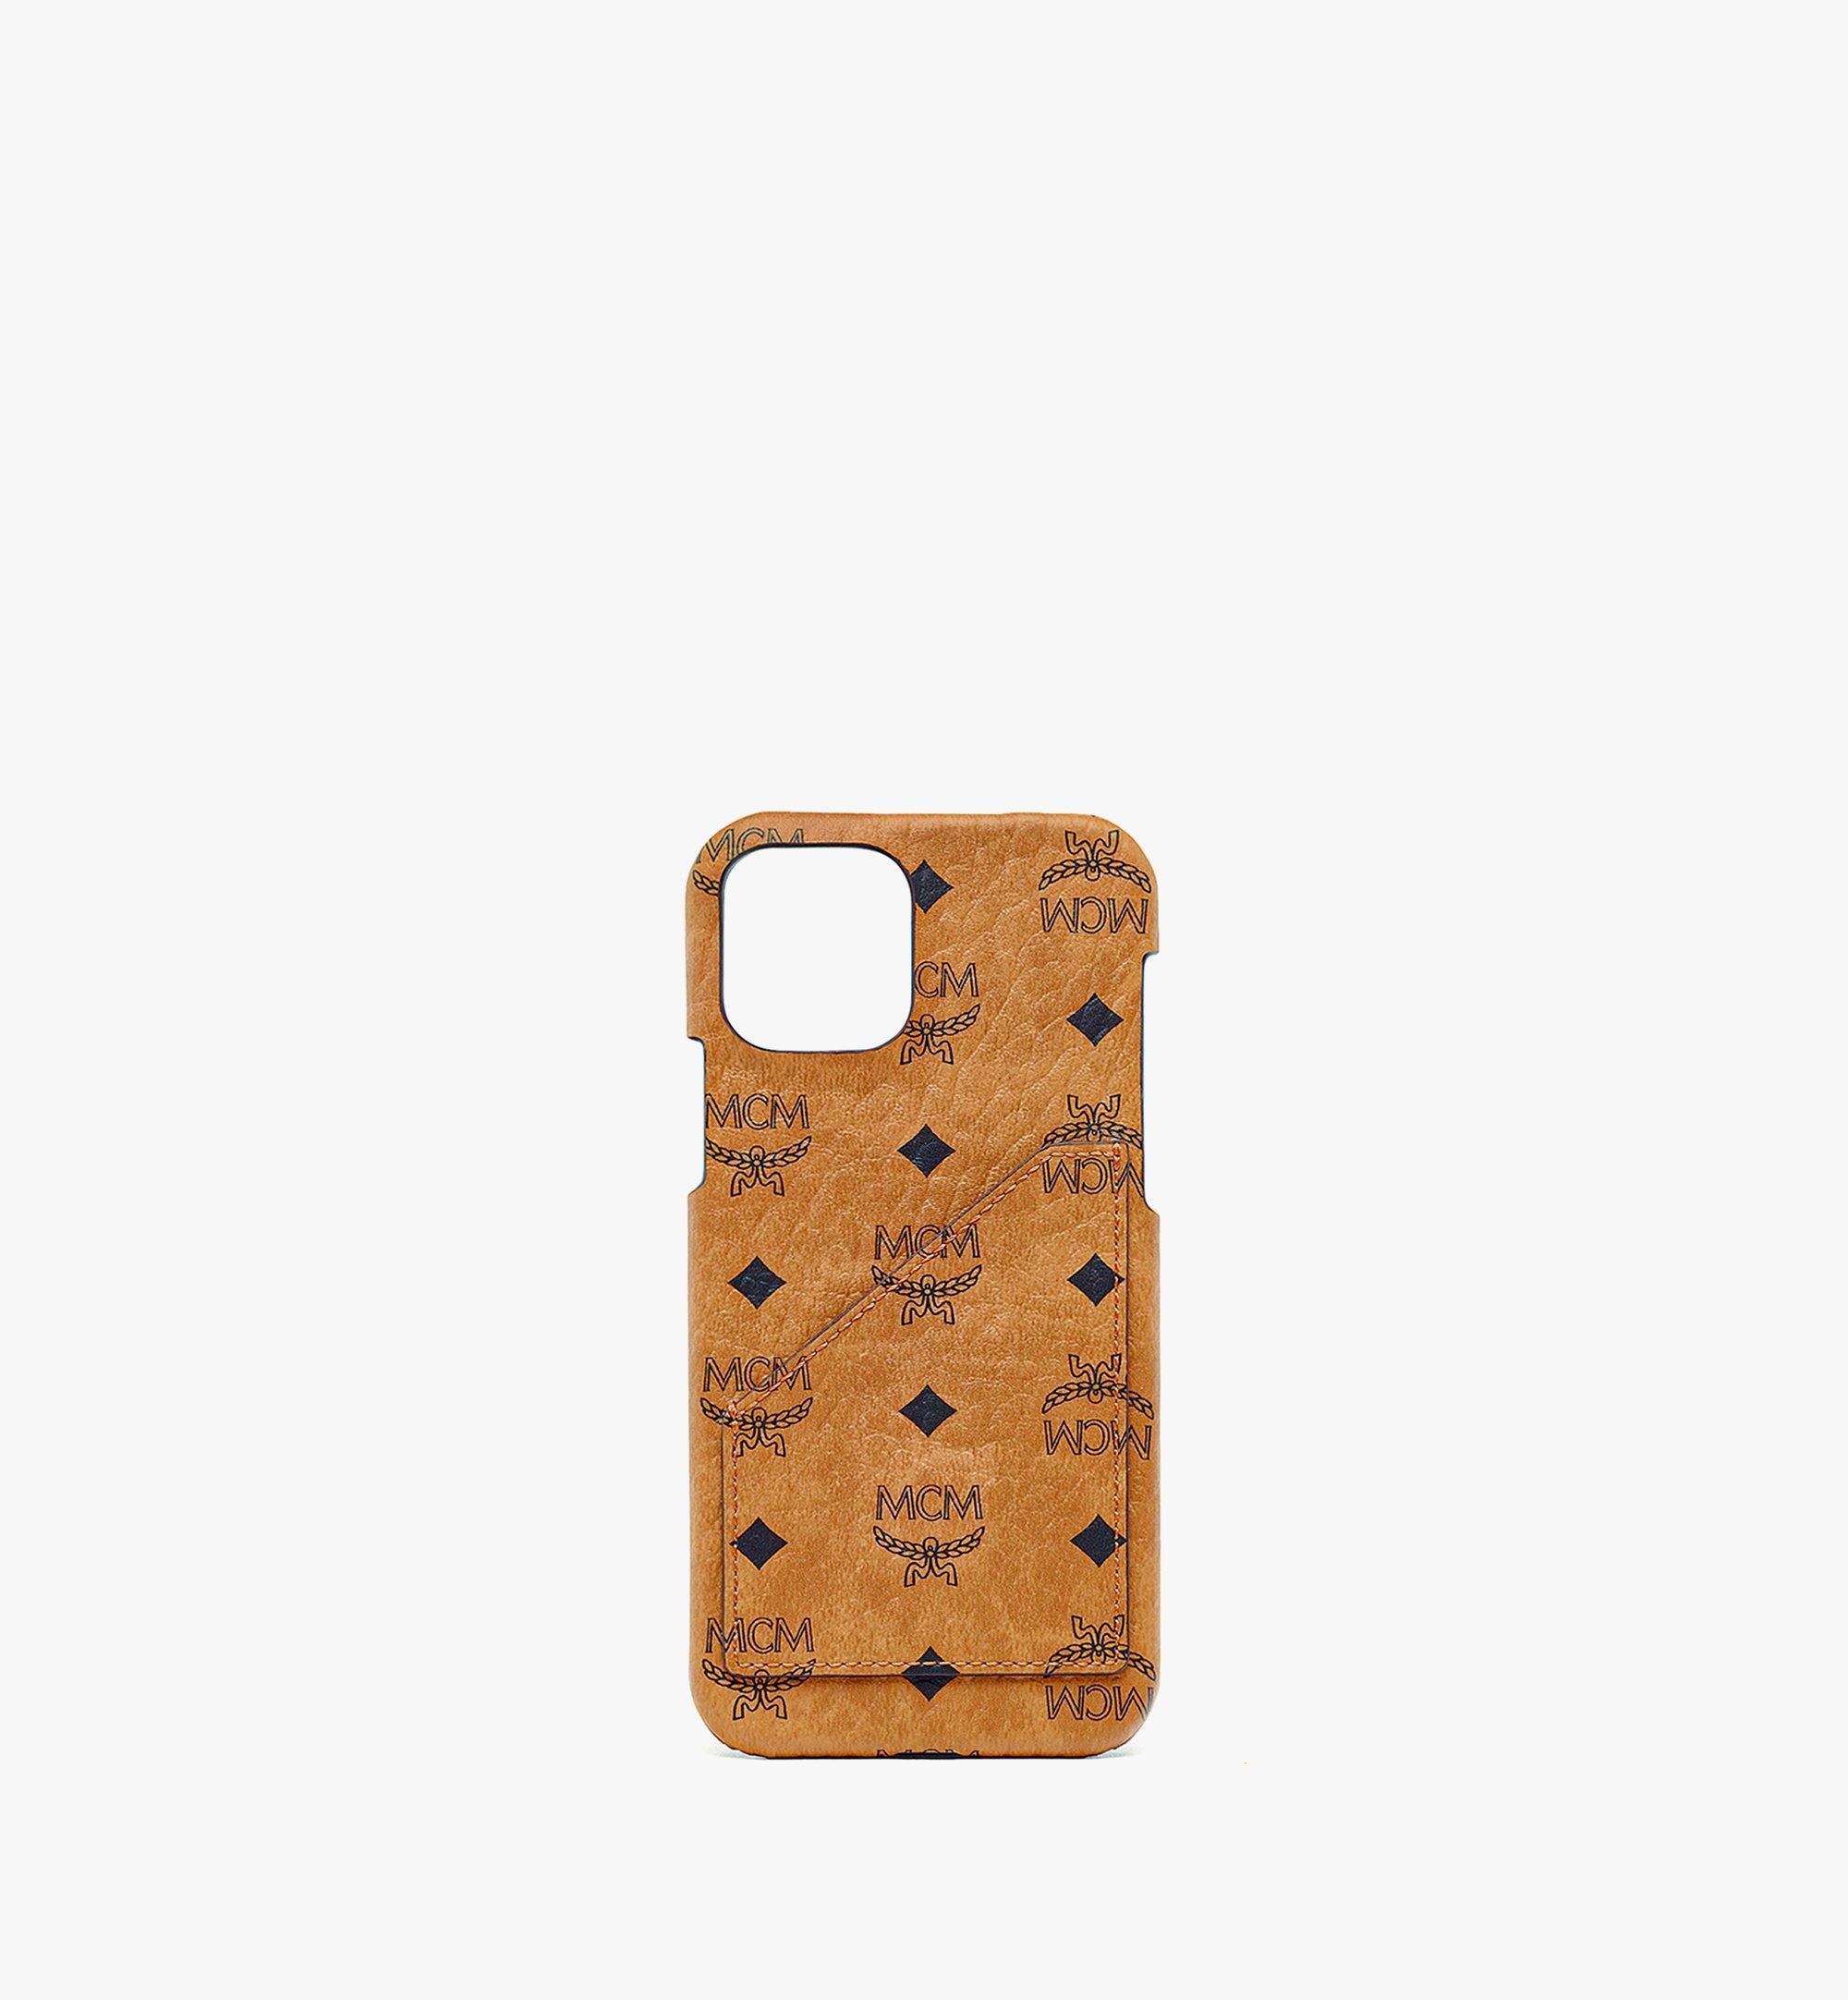 MCM iPhone 12/12 Pro Case in Visetos Original Cognac MXEBSVI14CO001 Alternate View 1